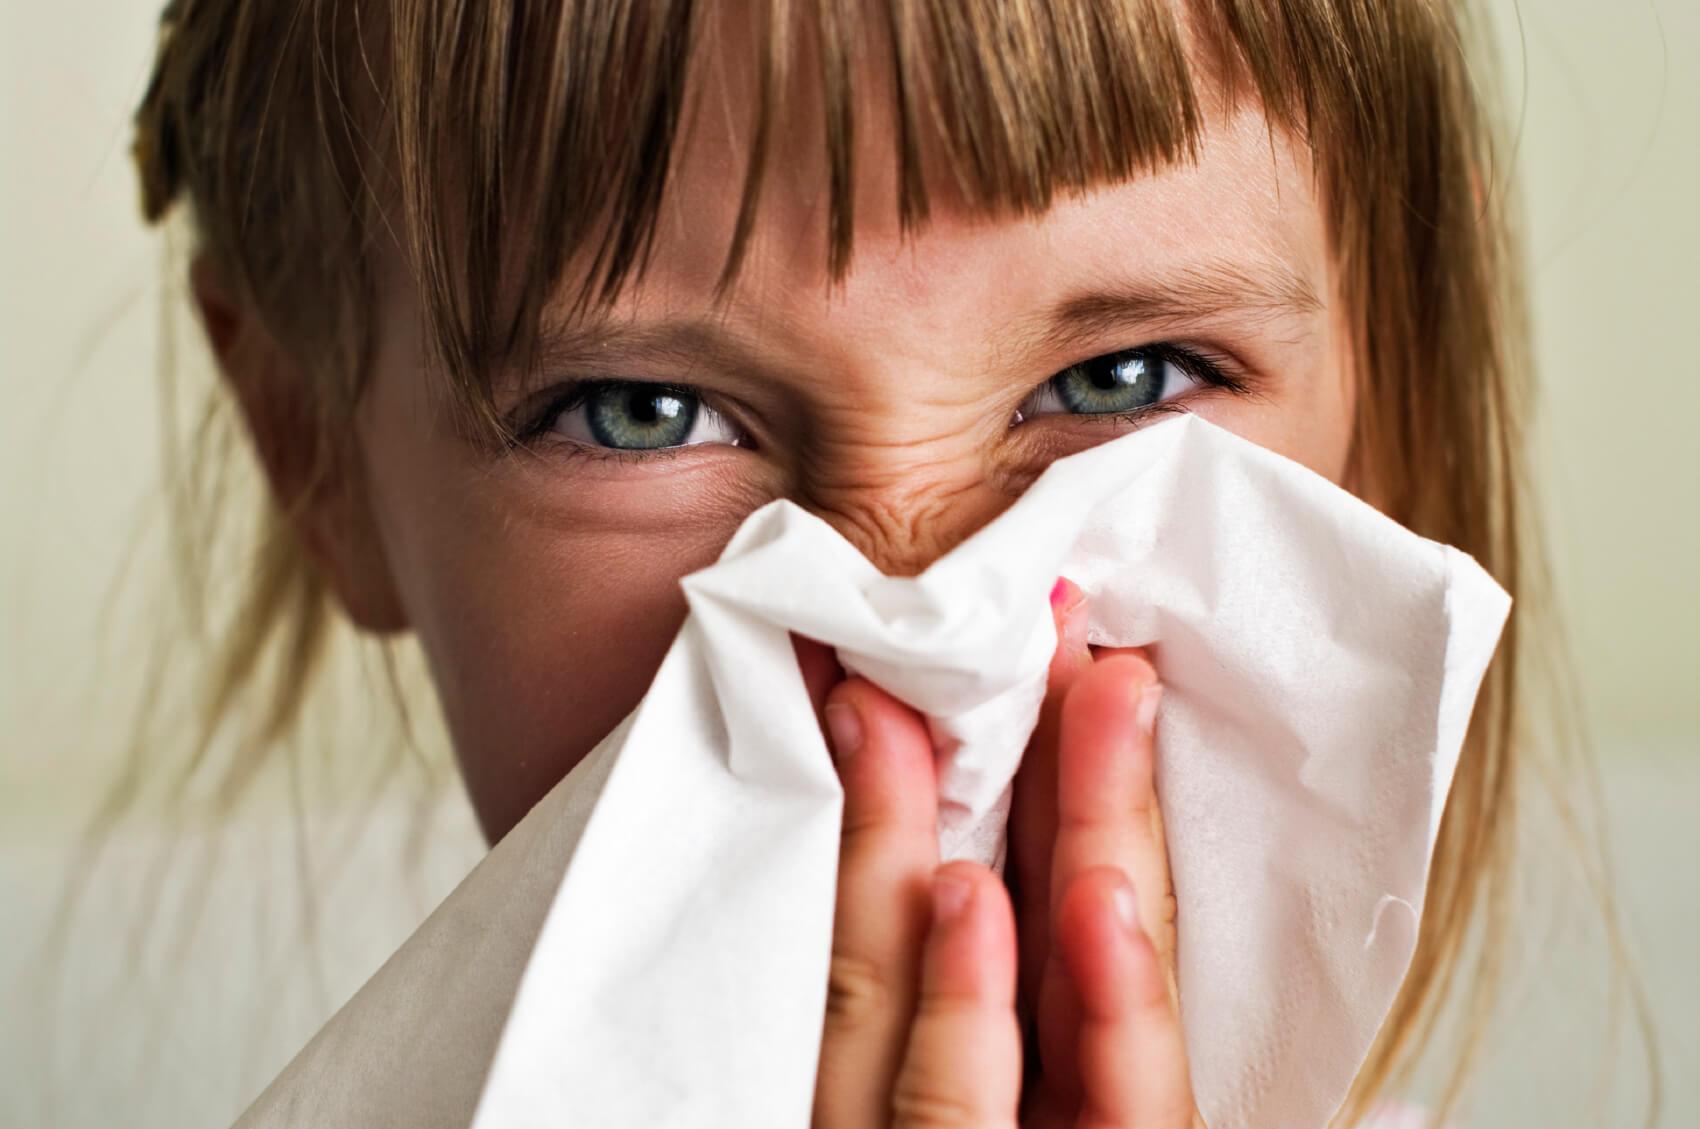 Как снять отек слизистой носа у ребенка — самые эффективные и безопасные методы лечения